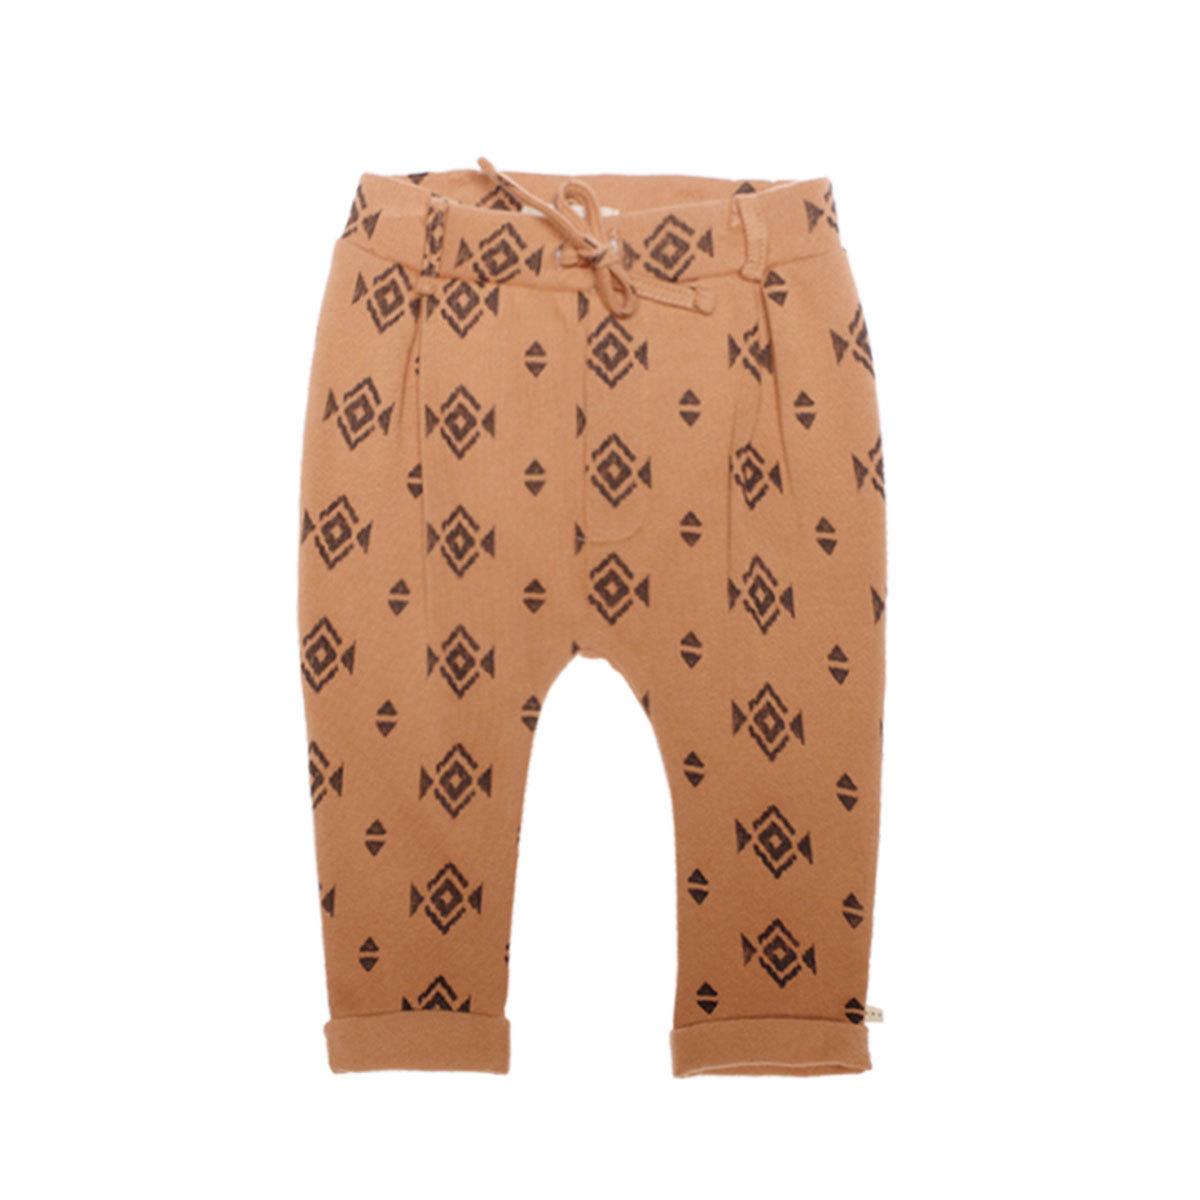 Bas bébé Pantalon Minichino Cannelle - 18 Mois Pantalon Minichino Cannelle - 18 Mois